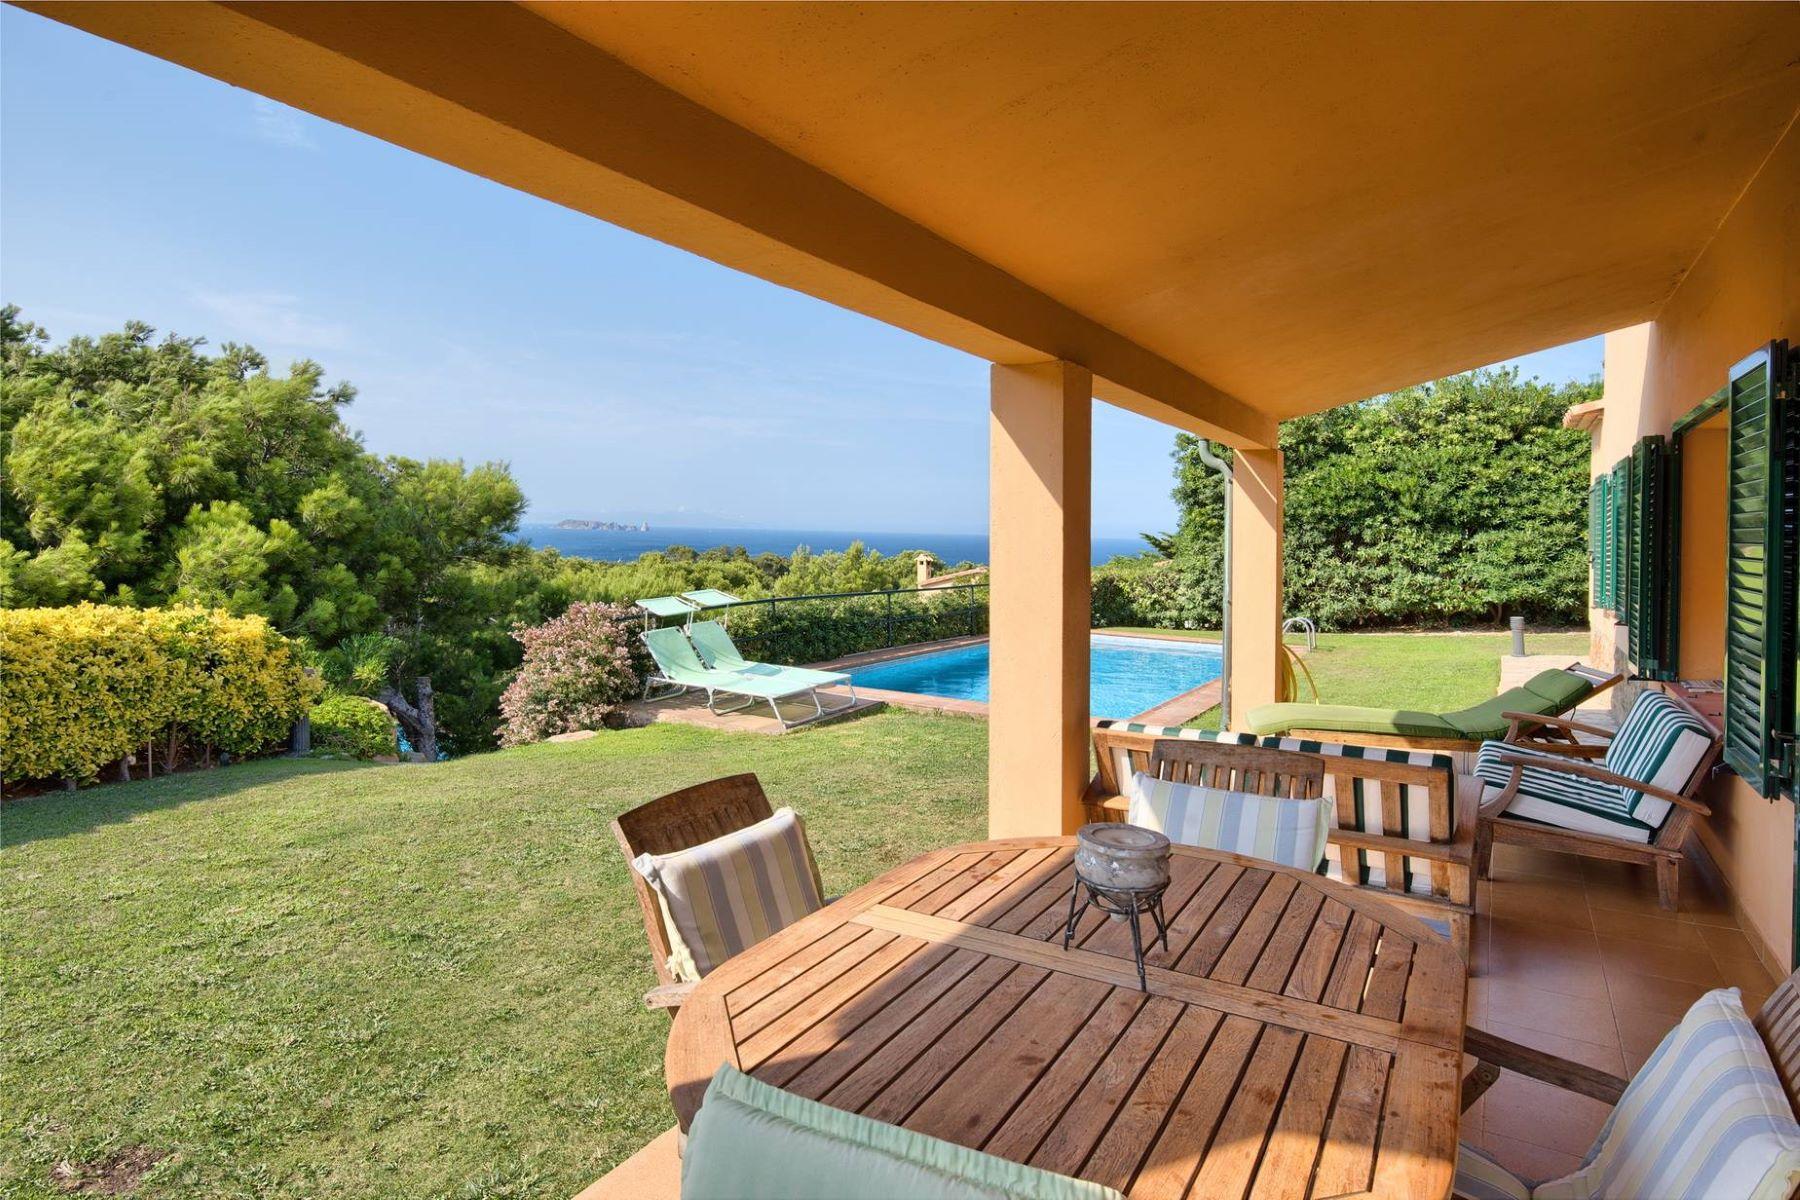 Casa Unifamiliar por un Venta en Mediterranean villa with wonderful sea views in Aiguafreda, Begur Begur, Costa Brava, 17255 España